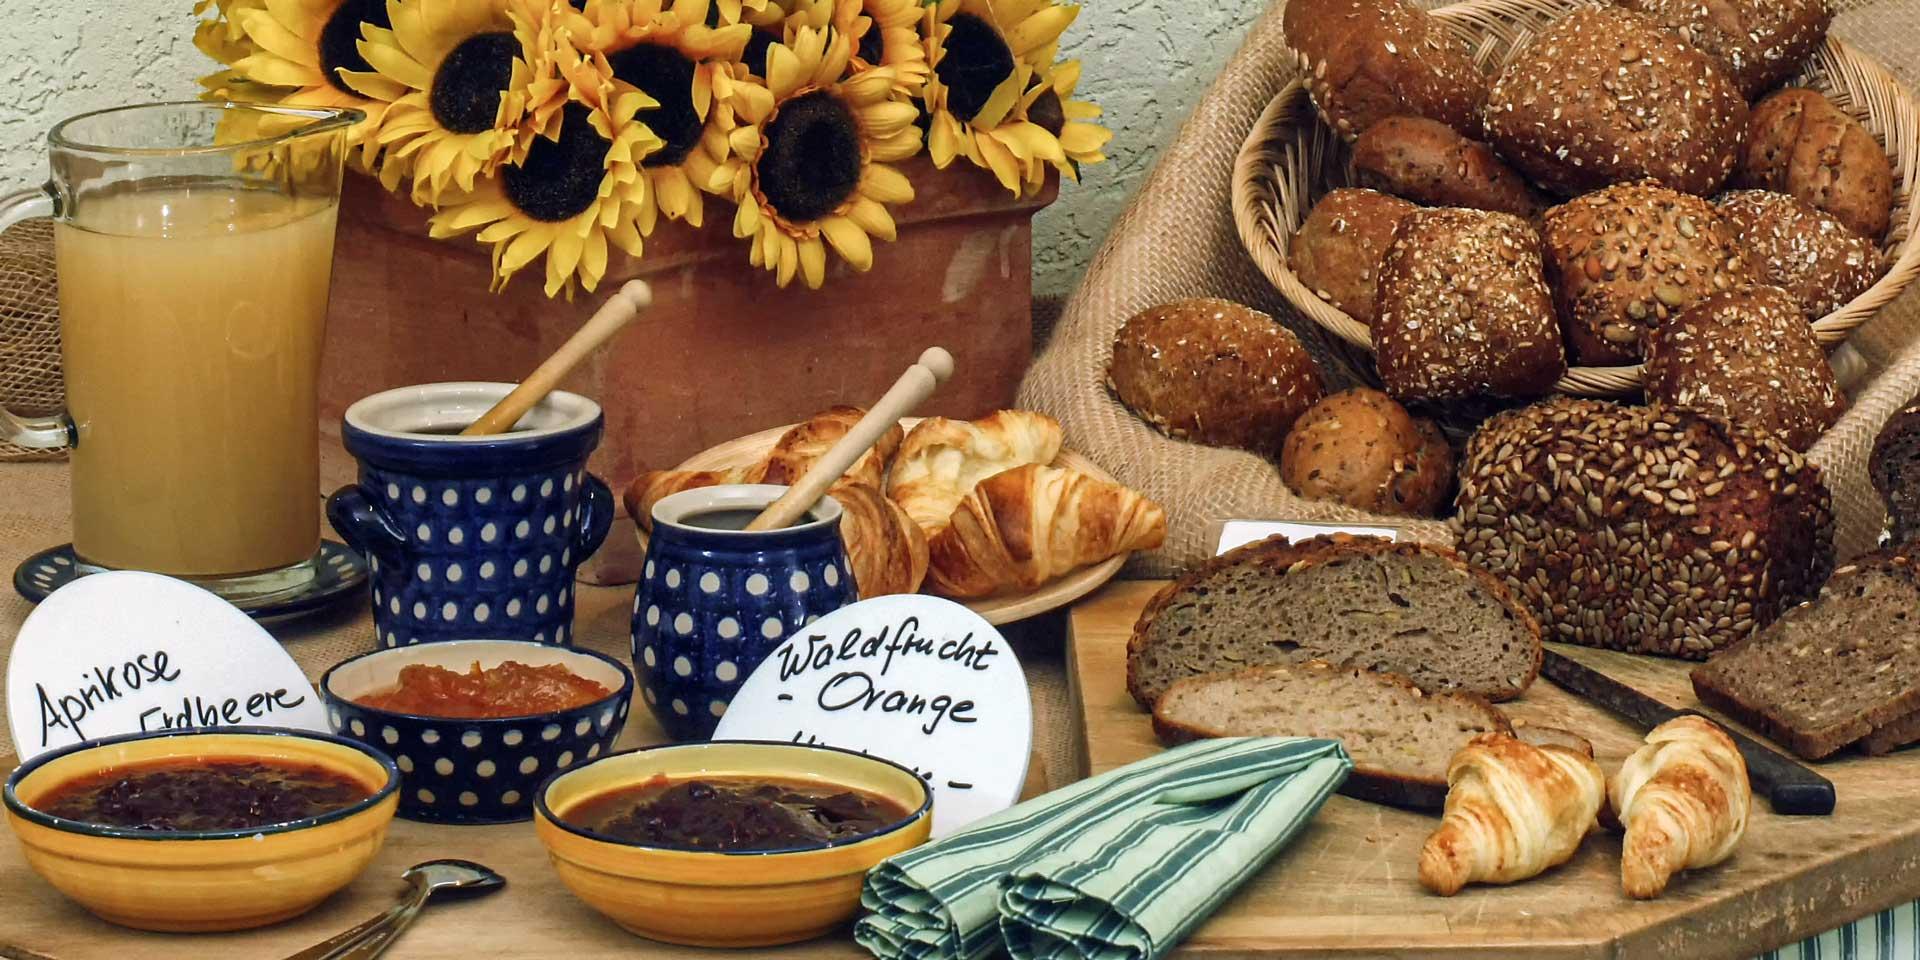 Breakfast buffet bread